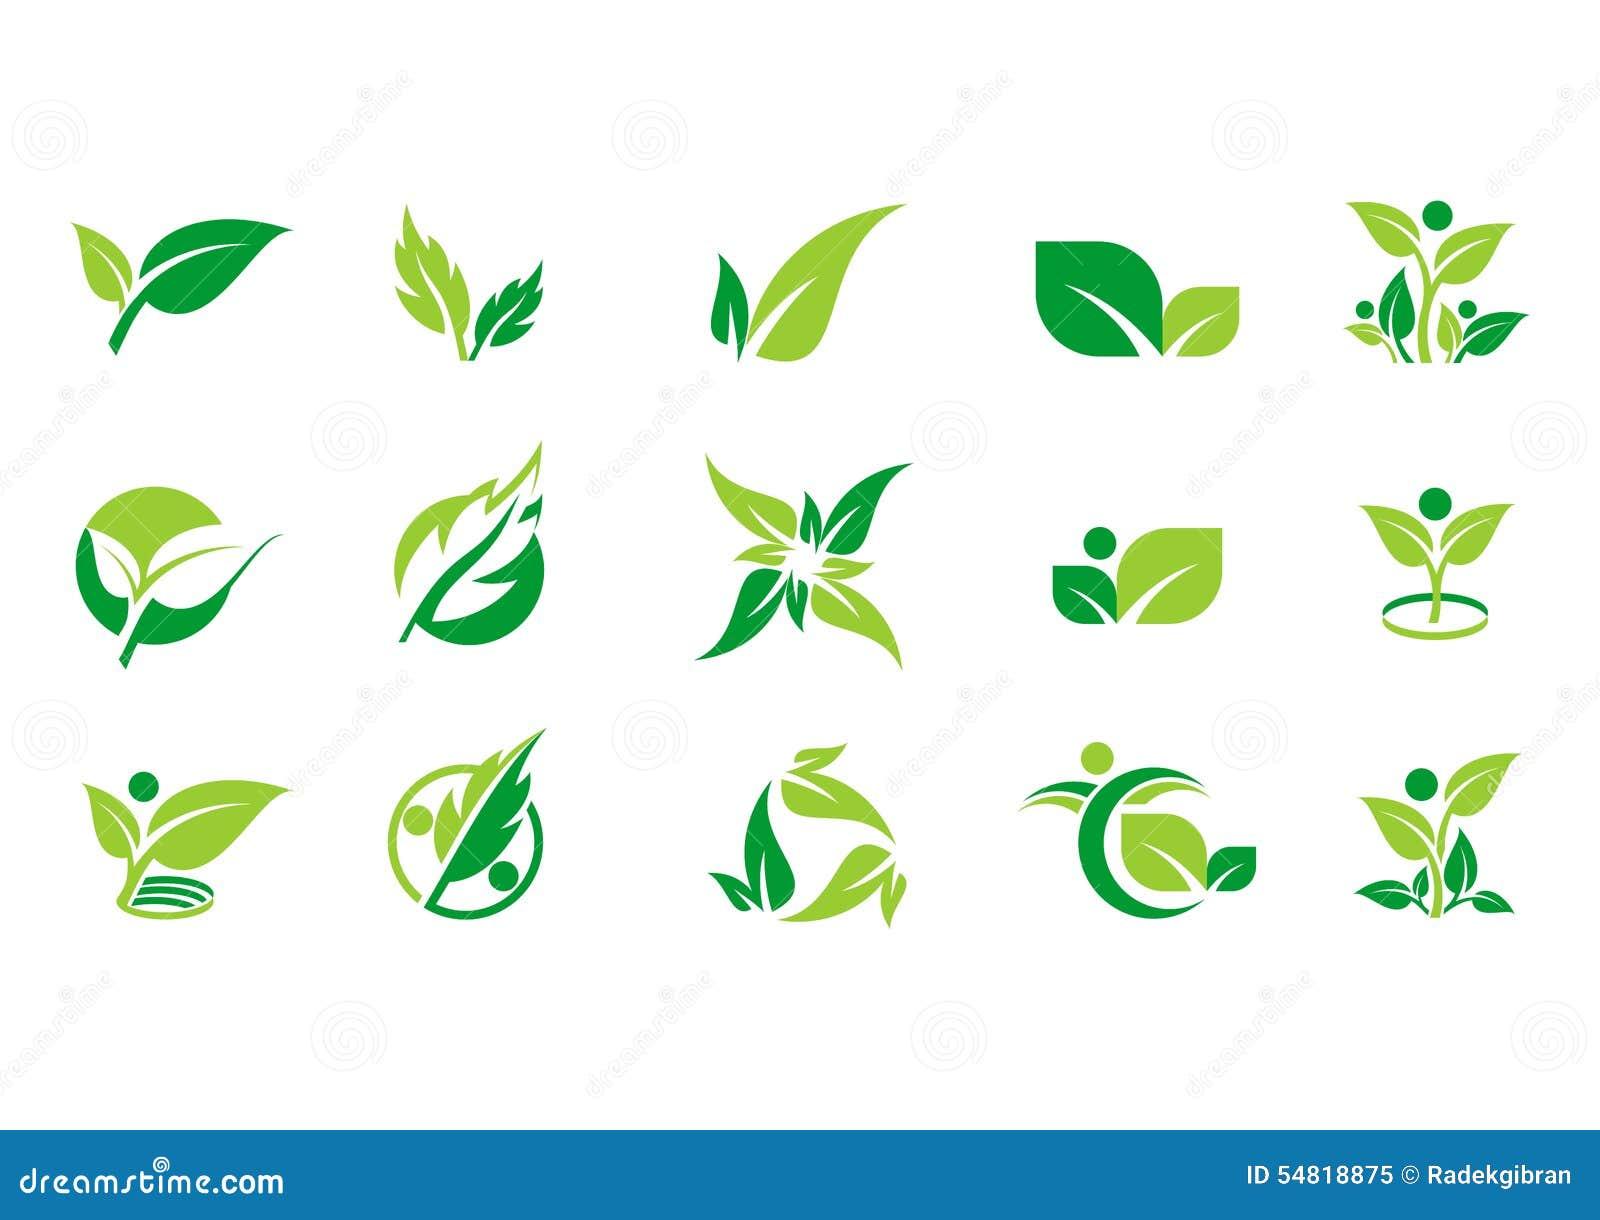 Φύλλο, φυτό, λογότυπο, οικολογία, άνθρωποι, wellness, πράσινο, φύλλα, σύνολο εικονιδίων συμβόλων φύσης των διανυσματικών σχεδίων